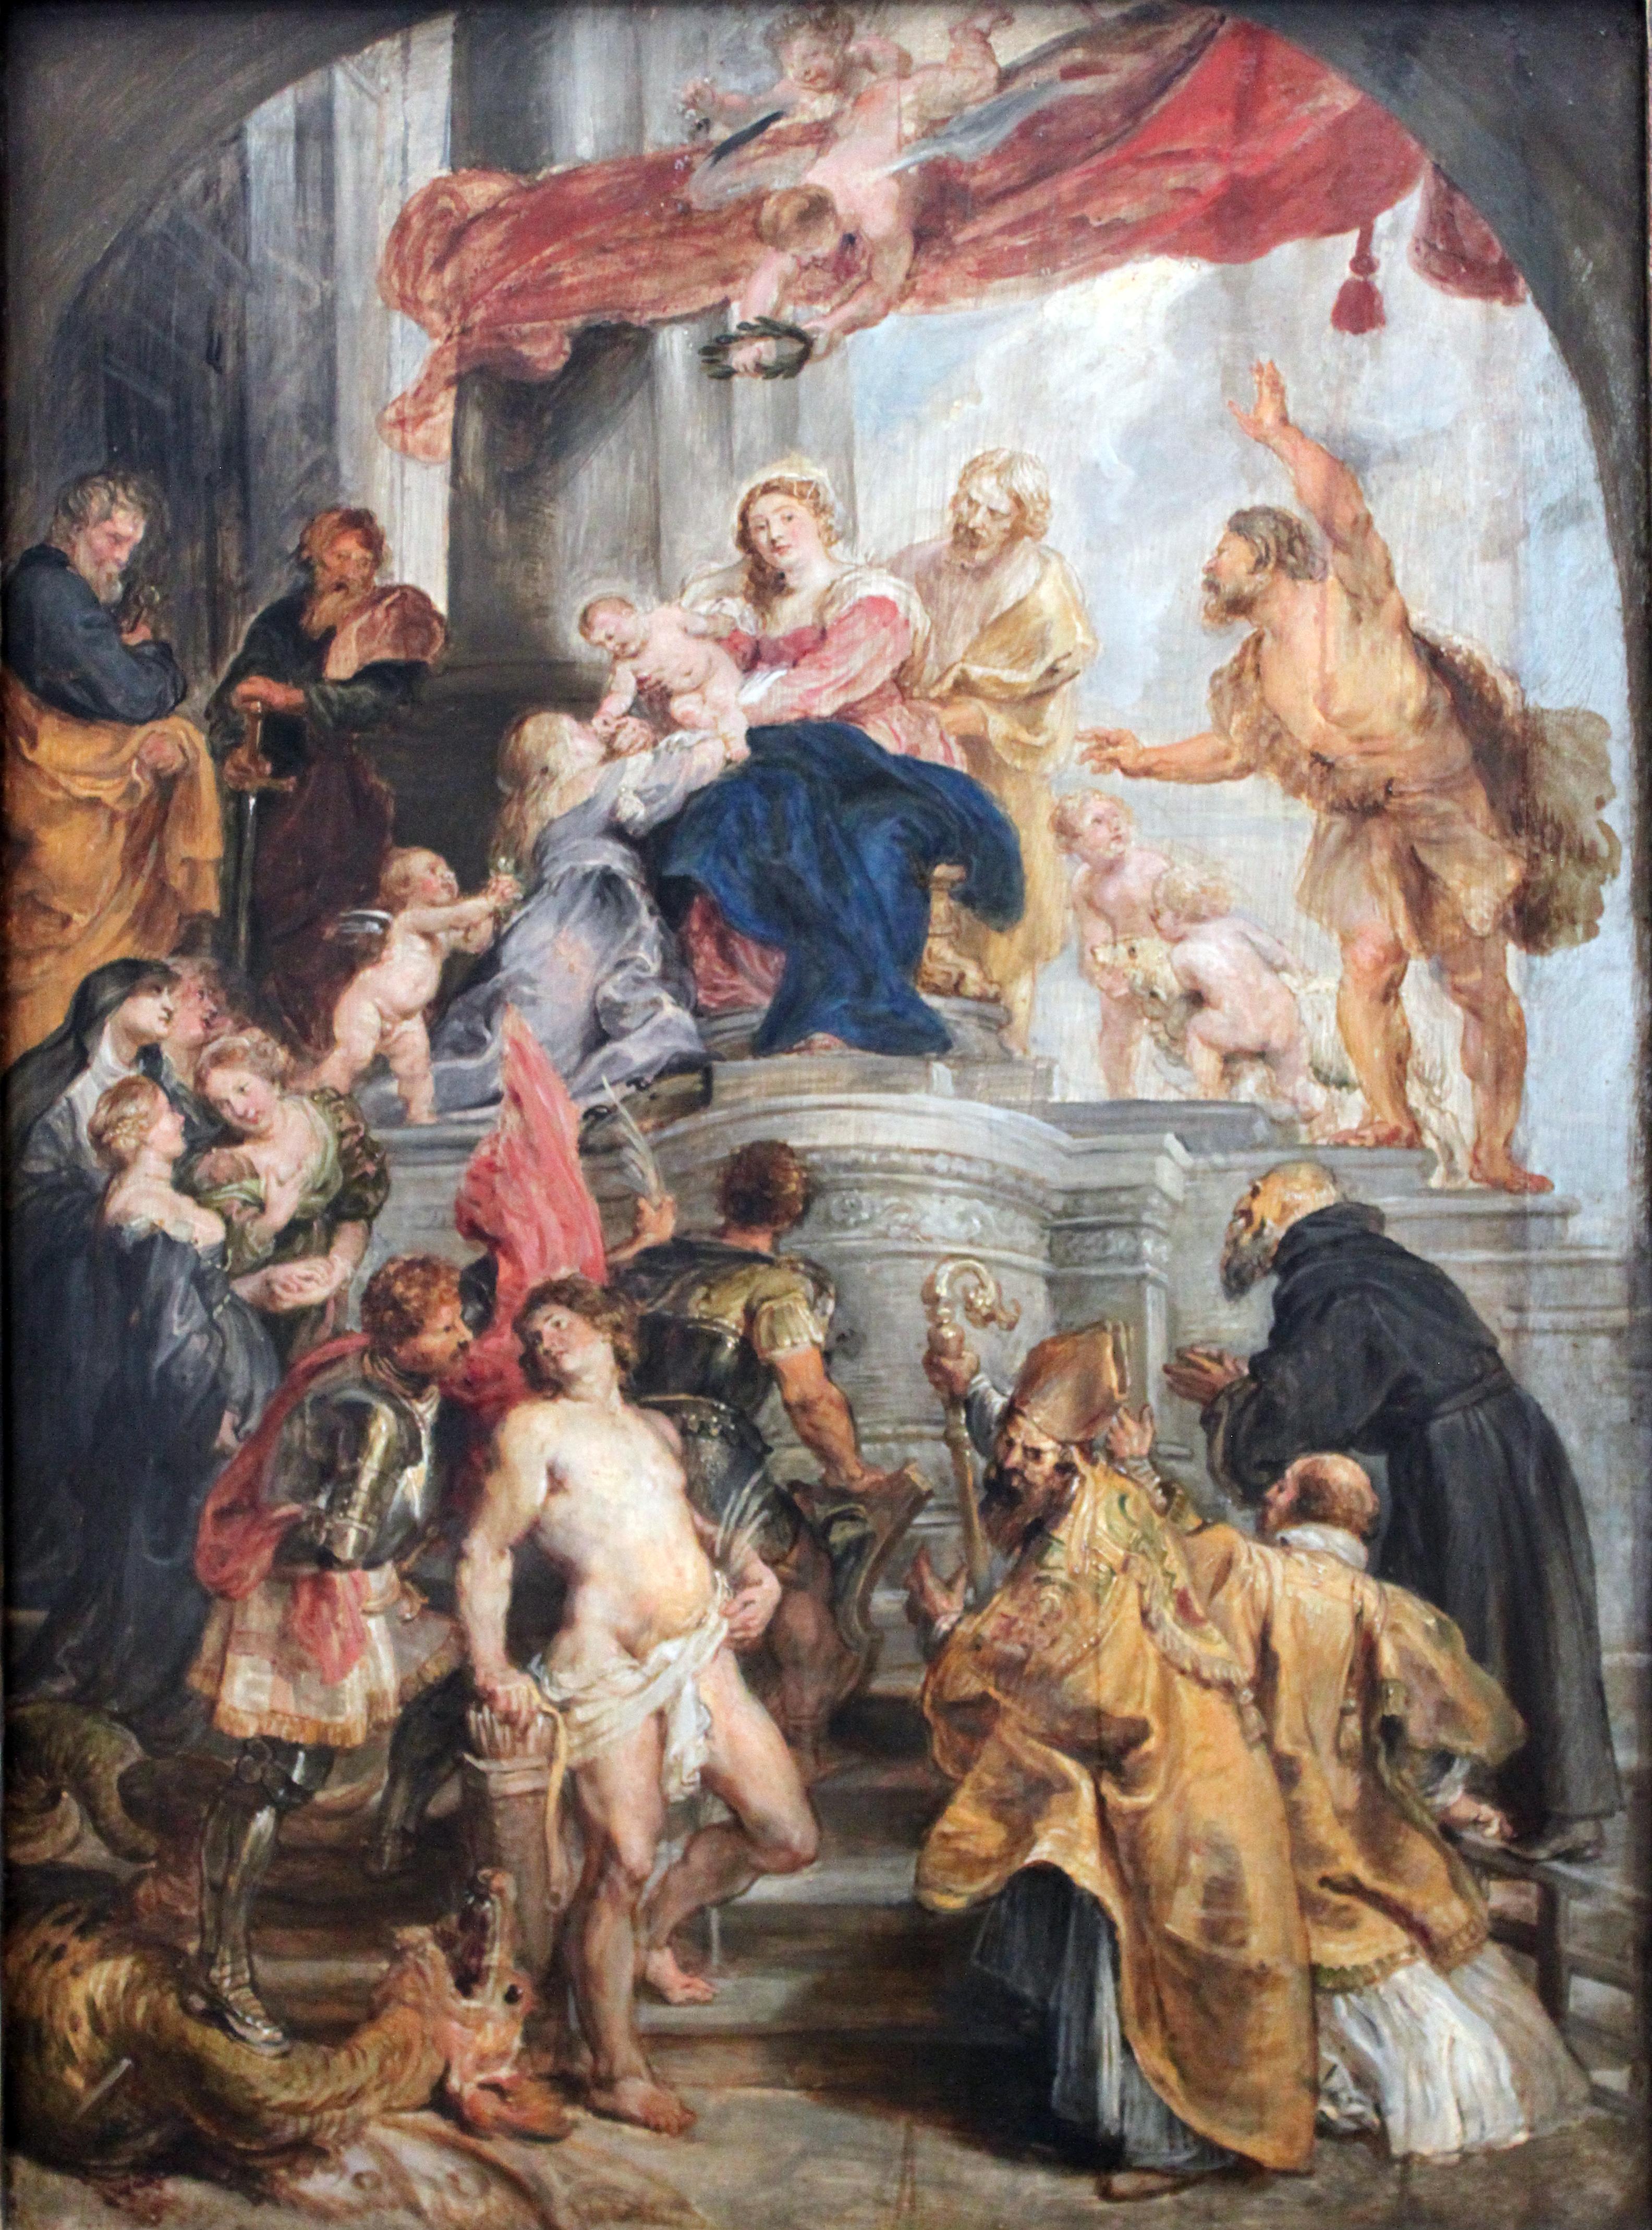 File:1627 Rubens Maria mit Kind und Heiligen anagoria.JPG